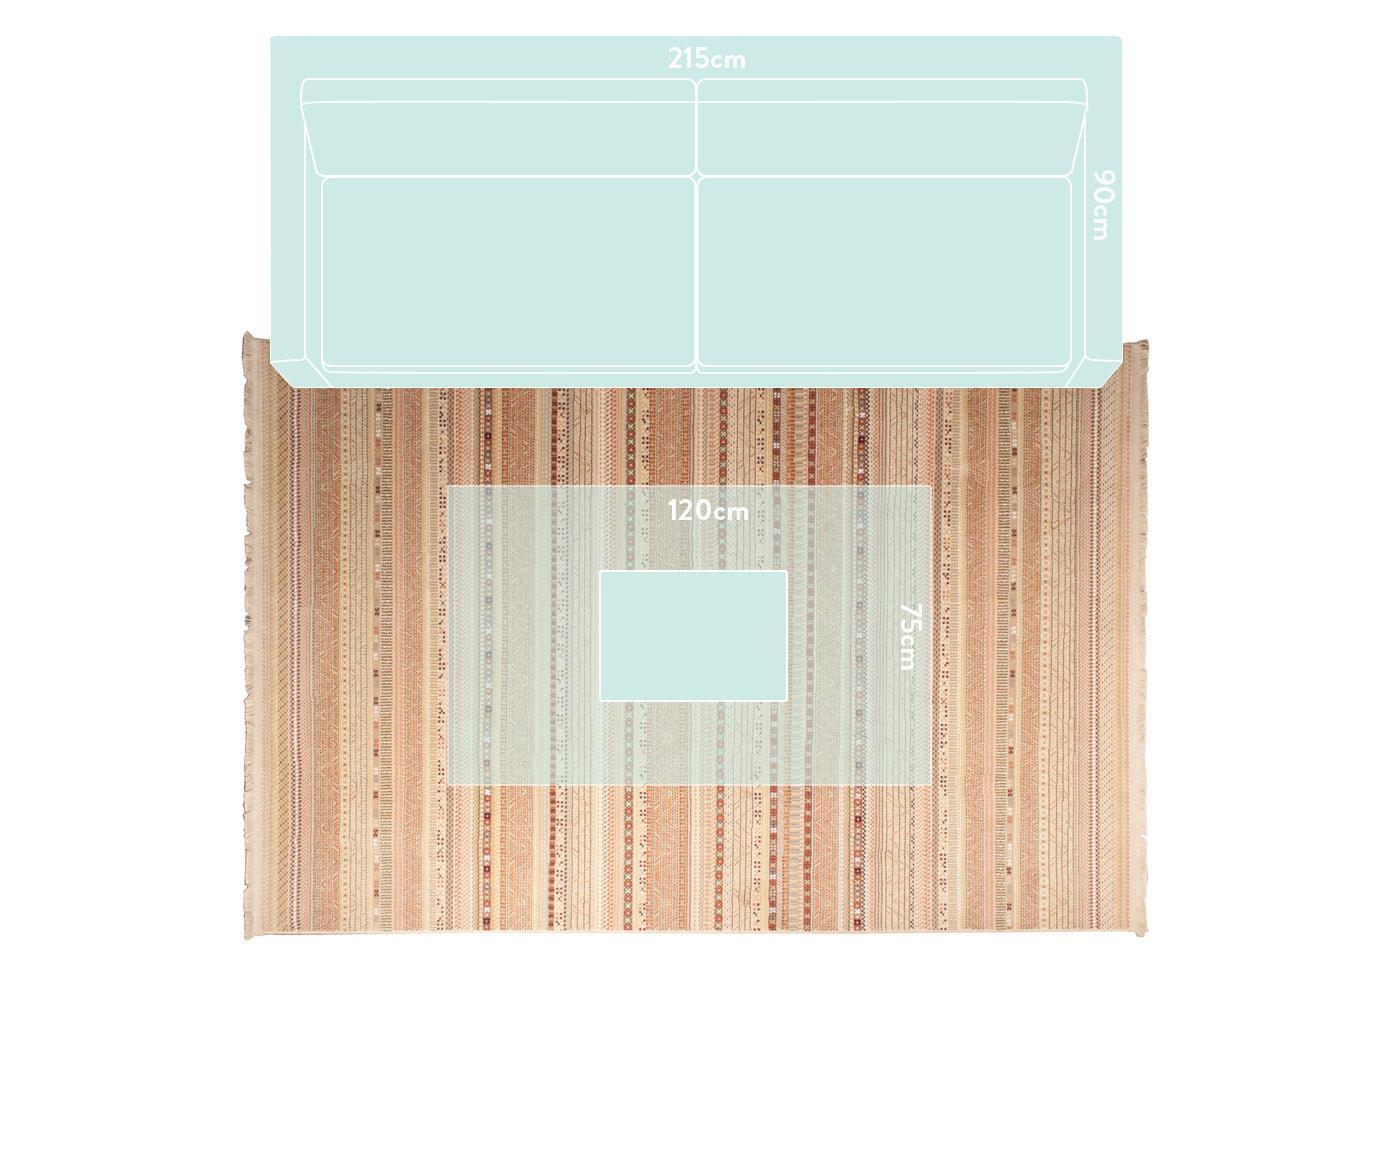 Teppich Nepal mit bunten Details und Fransen, Flor: 90% Polypropylen, 10% Vis, Beige, Mehrfarbig, B 200 x L 295 cm (Größe L)